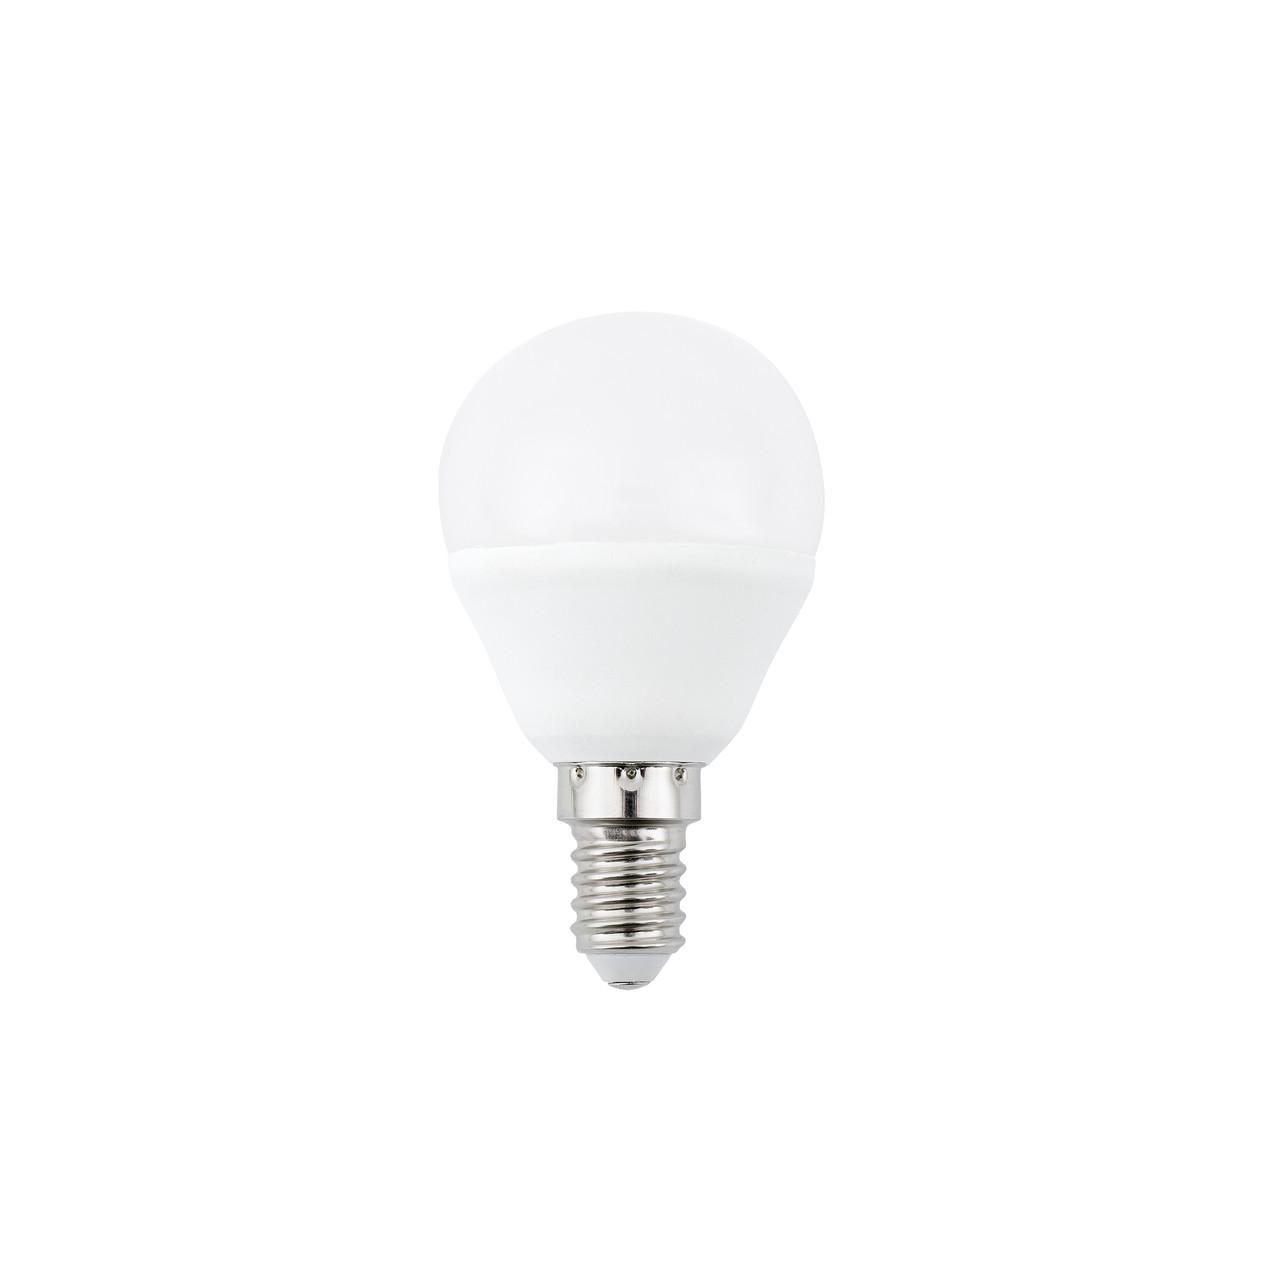 LED лампа Lebron G45 6W Е14 3000K 480Lm